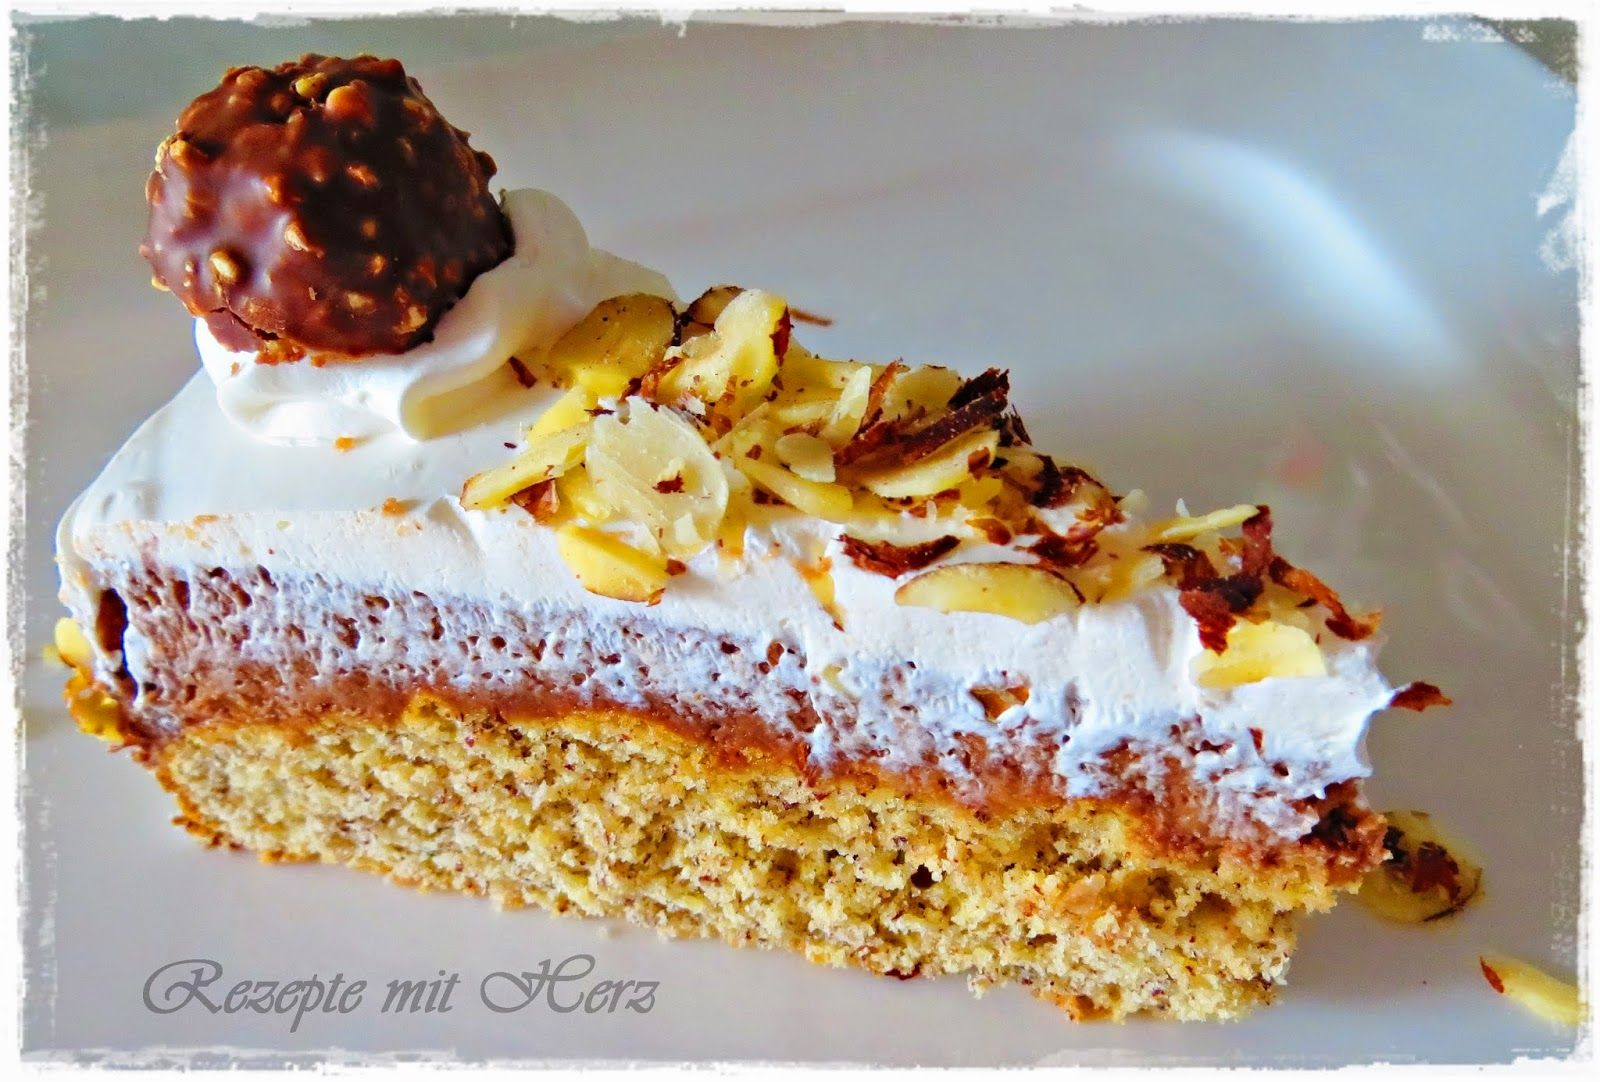 Thermomix Rezepte Mit Herz Rocher Torte German Recipe